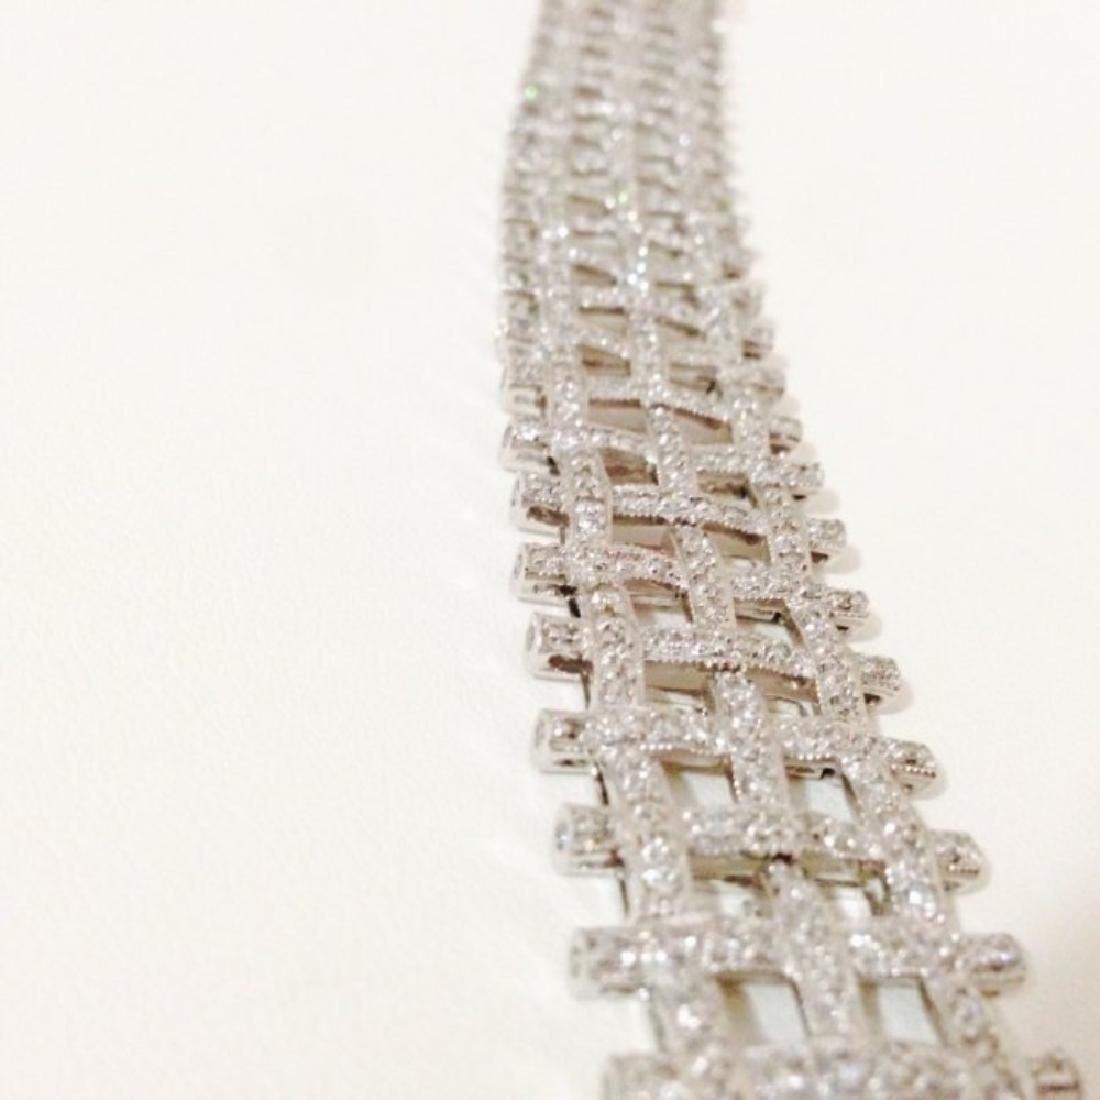 5 CARAT DIAMOND BRACELET SET IN 14K WHITE GOLD $17,750 - 3